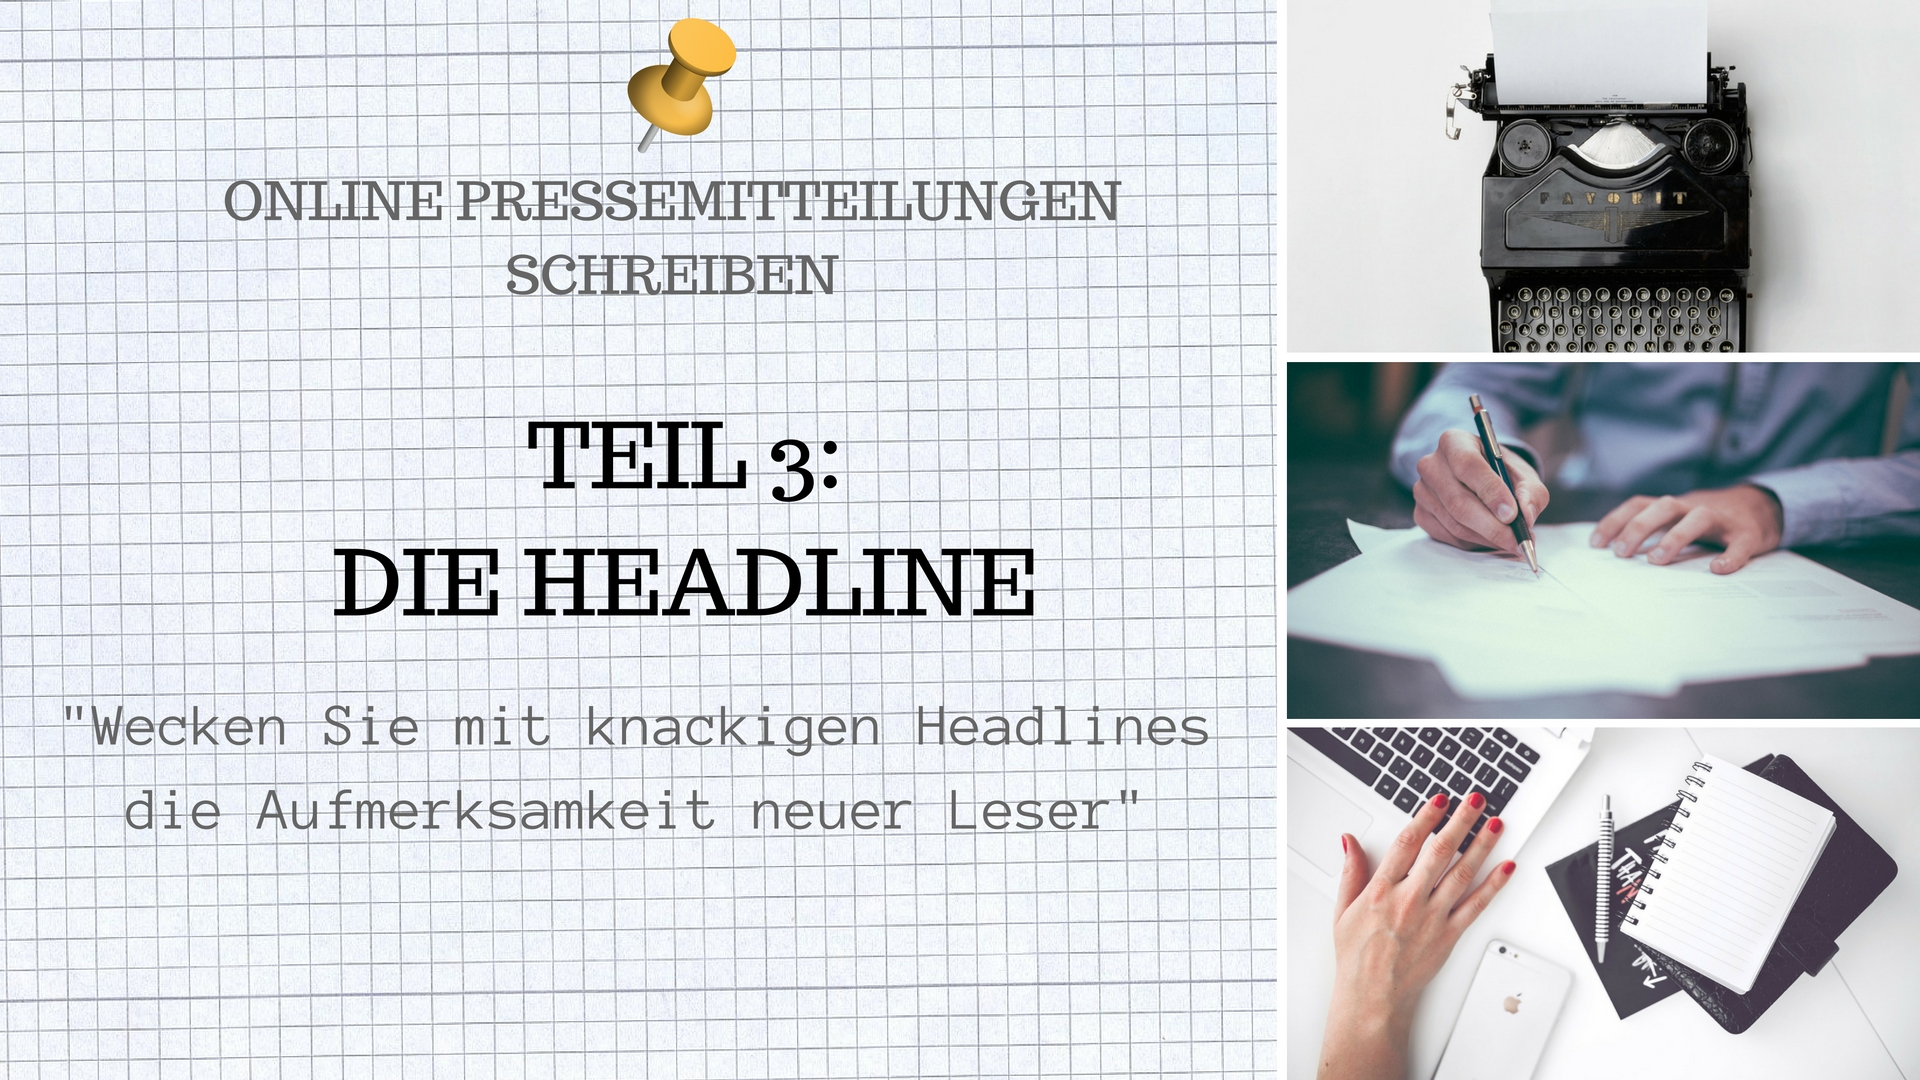 Optimale Online Pressemitteilungen schreiben Teil 3 Die Headline